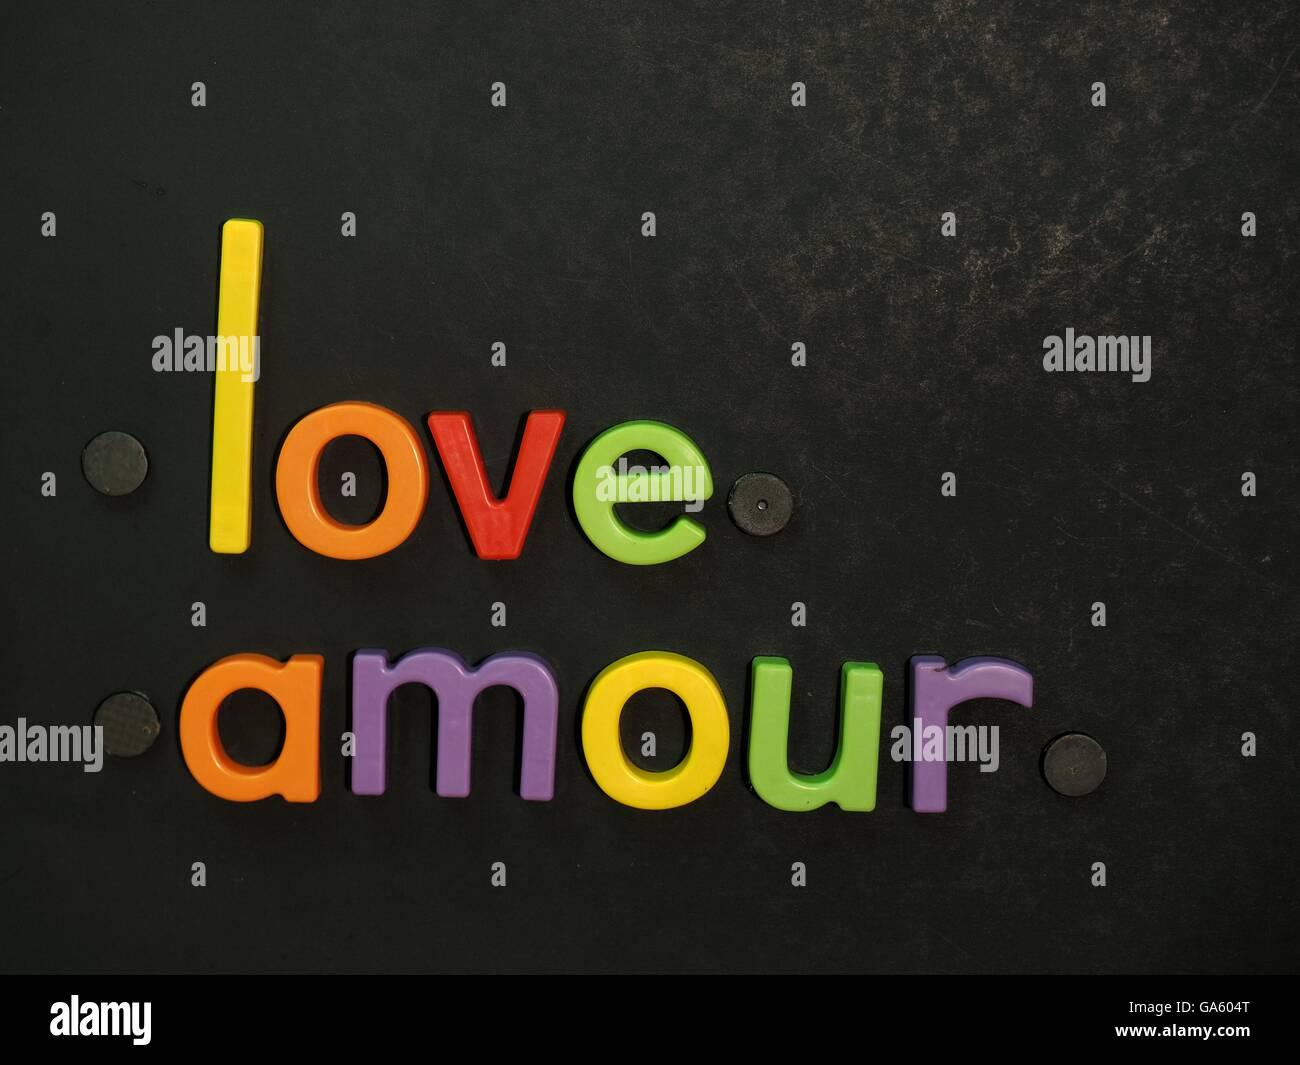 Liebe, Amour! Inspirierende Botschaft in lebhaften bunten Magneten Buchstaben auf schwarzem Hintergrund Stockbild